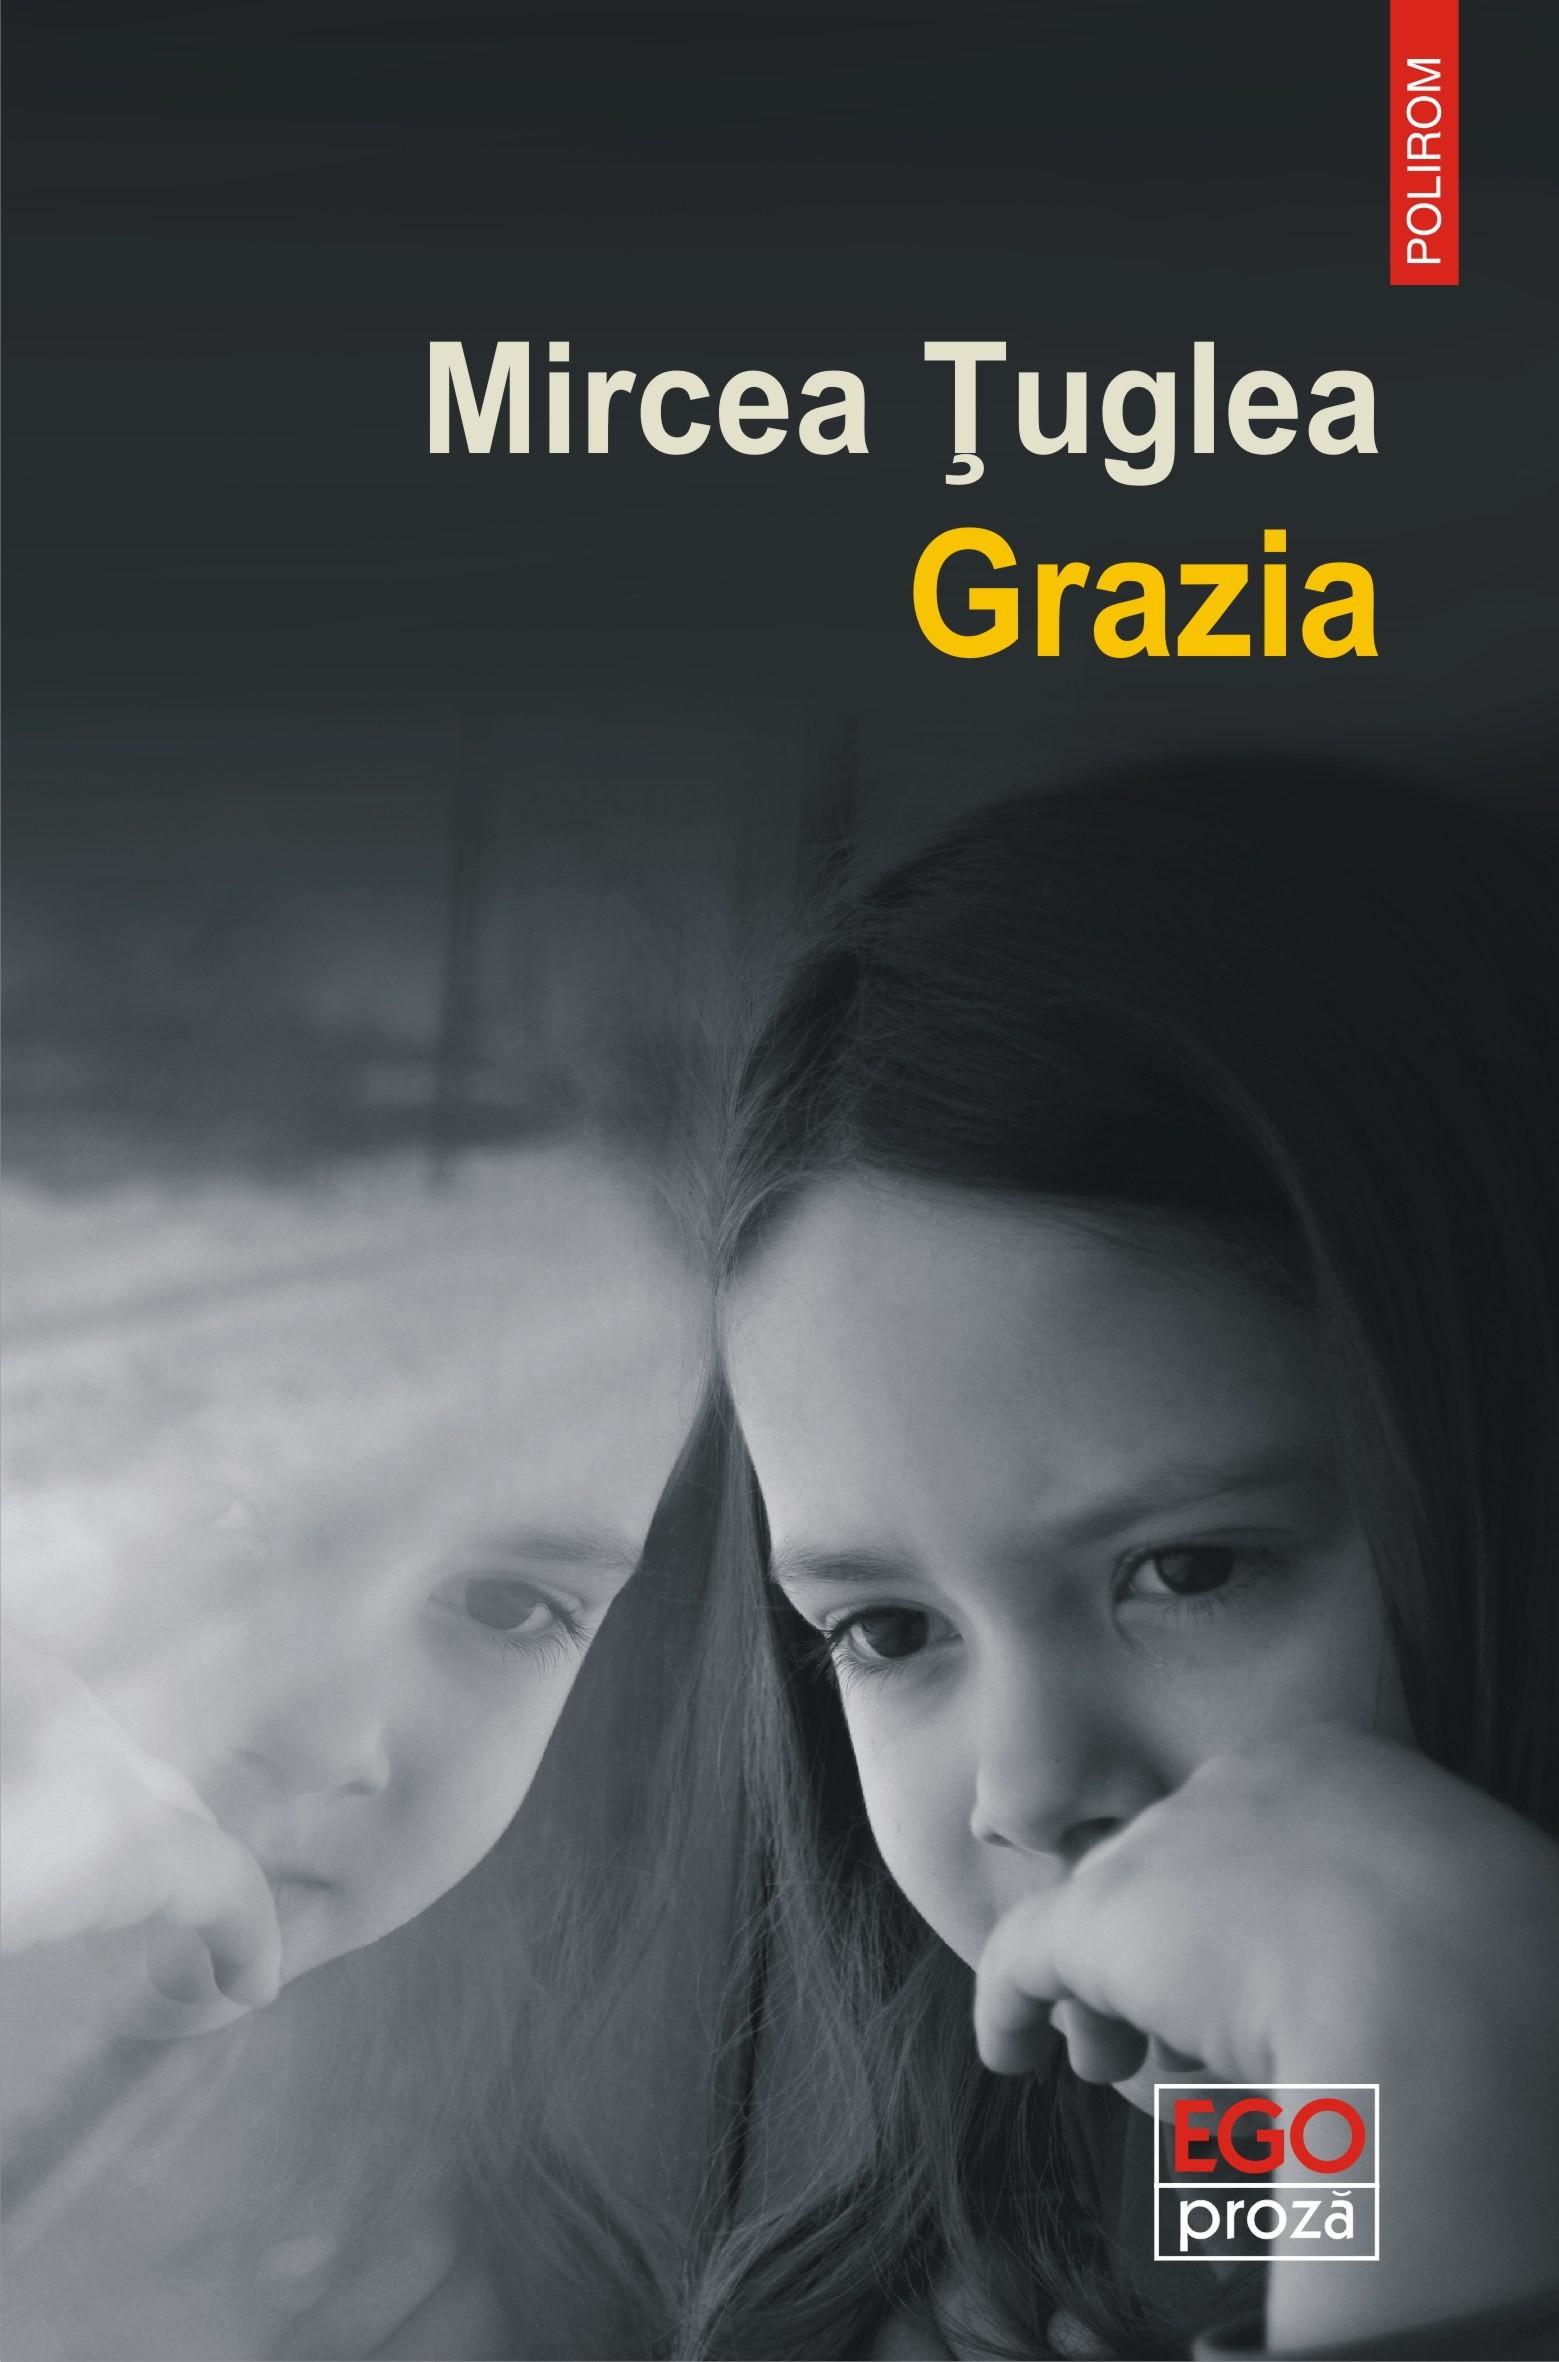 PDF ePUB Grazia de Mircea Tuglea